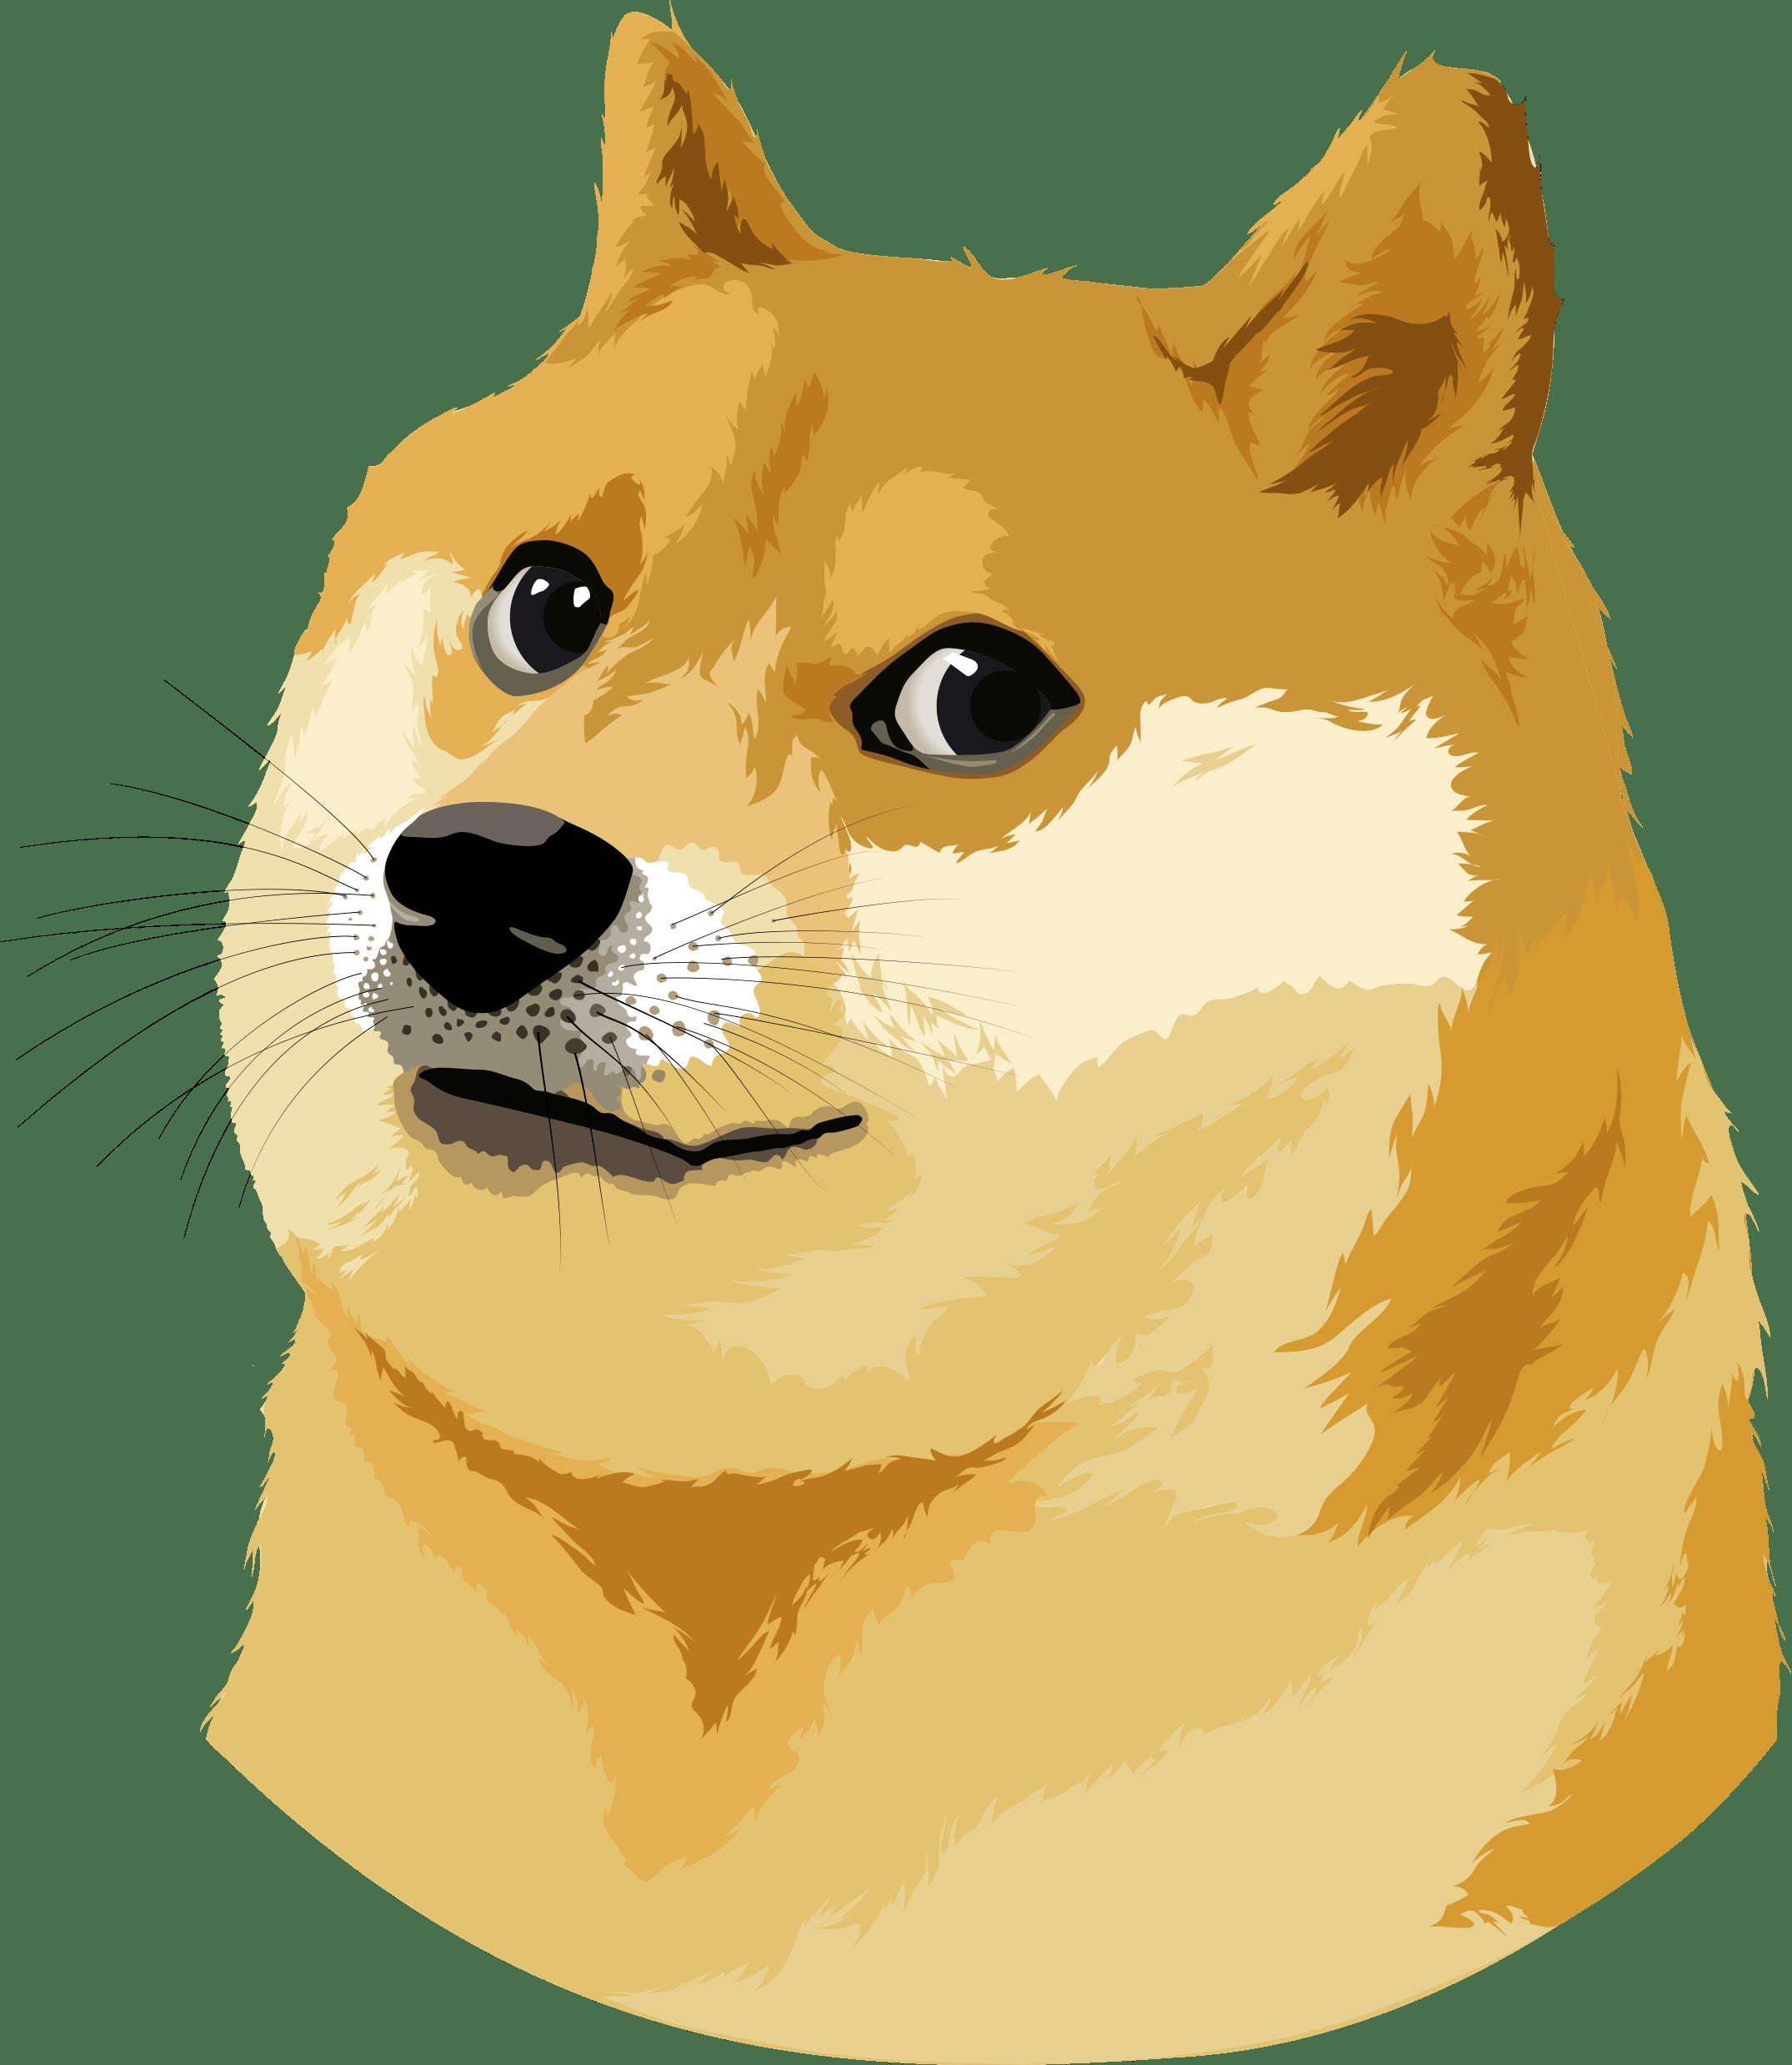 jpg free stock Doge vector. Illustration transparent png stickpng